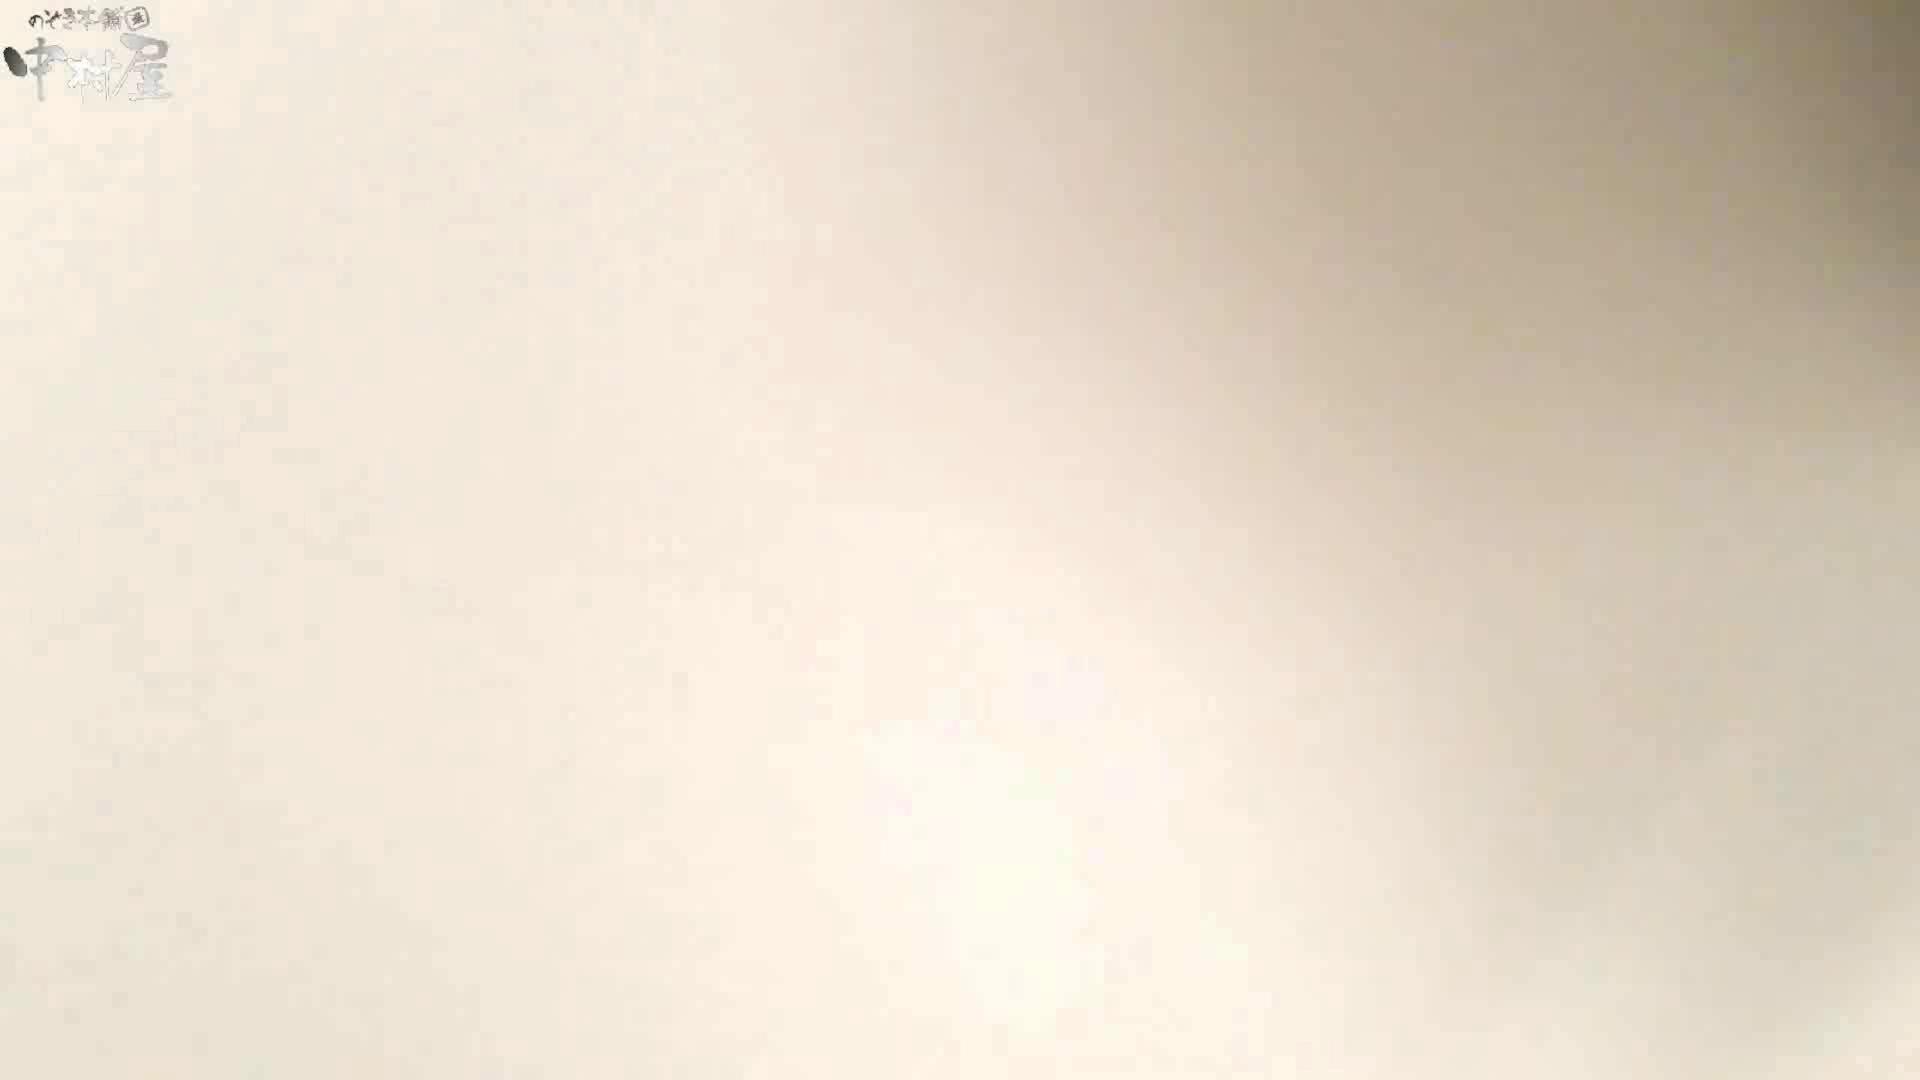 部活女子トイレ潜入編vol.1 トイレ | 盗撮  67連発 26